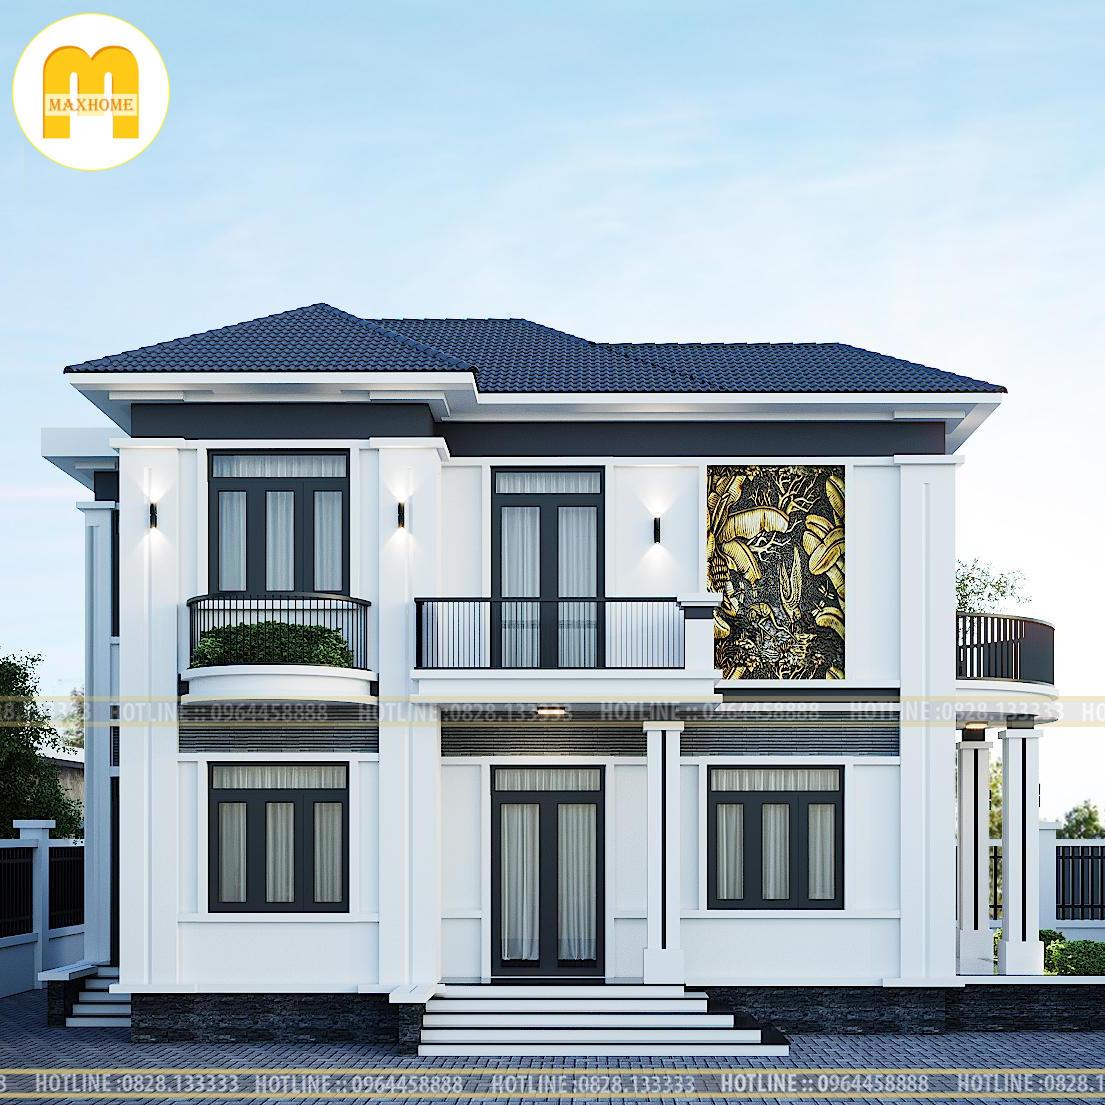 Thi công trọn gói / xây nhà trọn gói là gì?